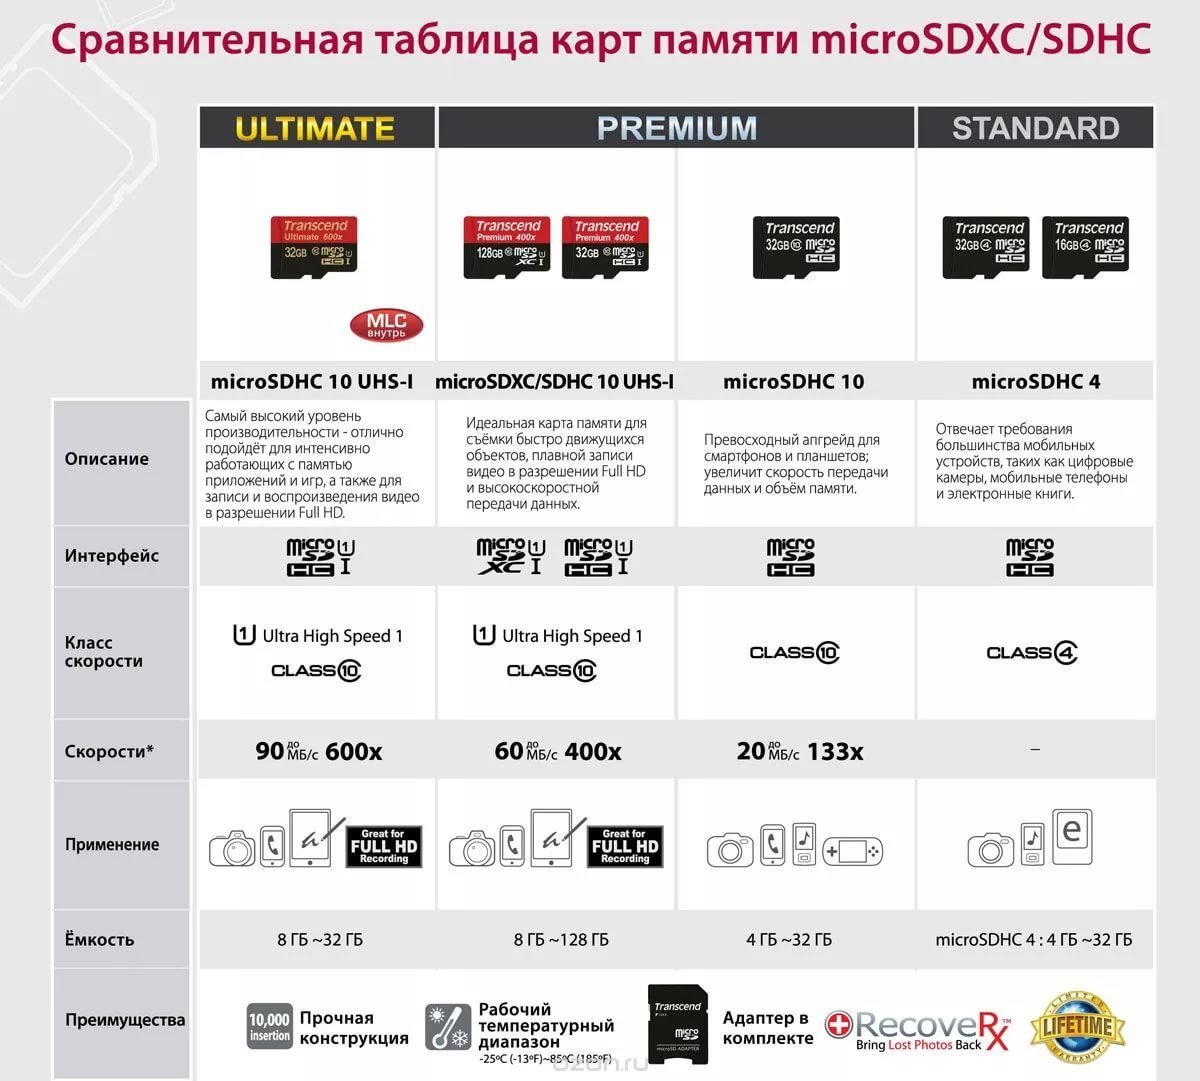 Разновидности карты microSD